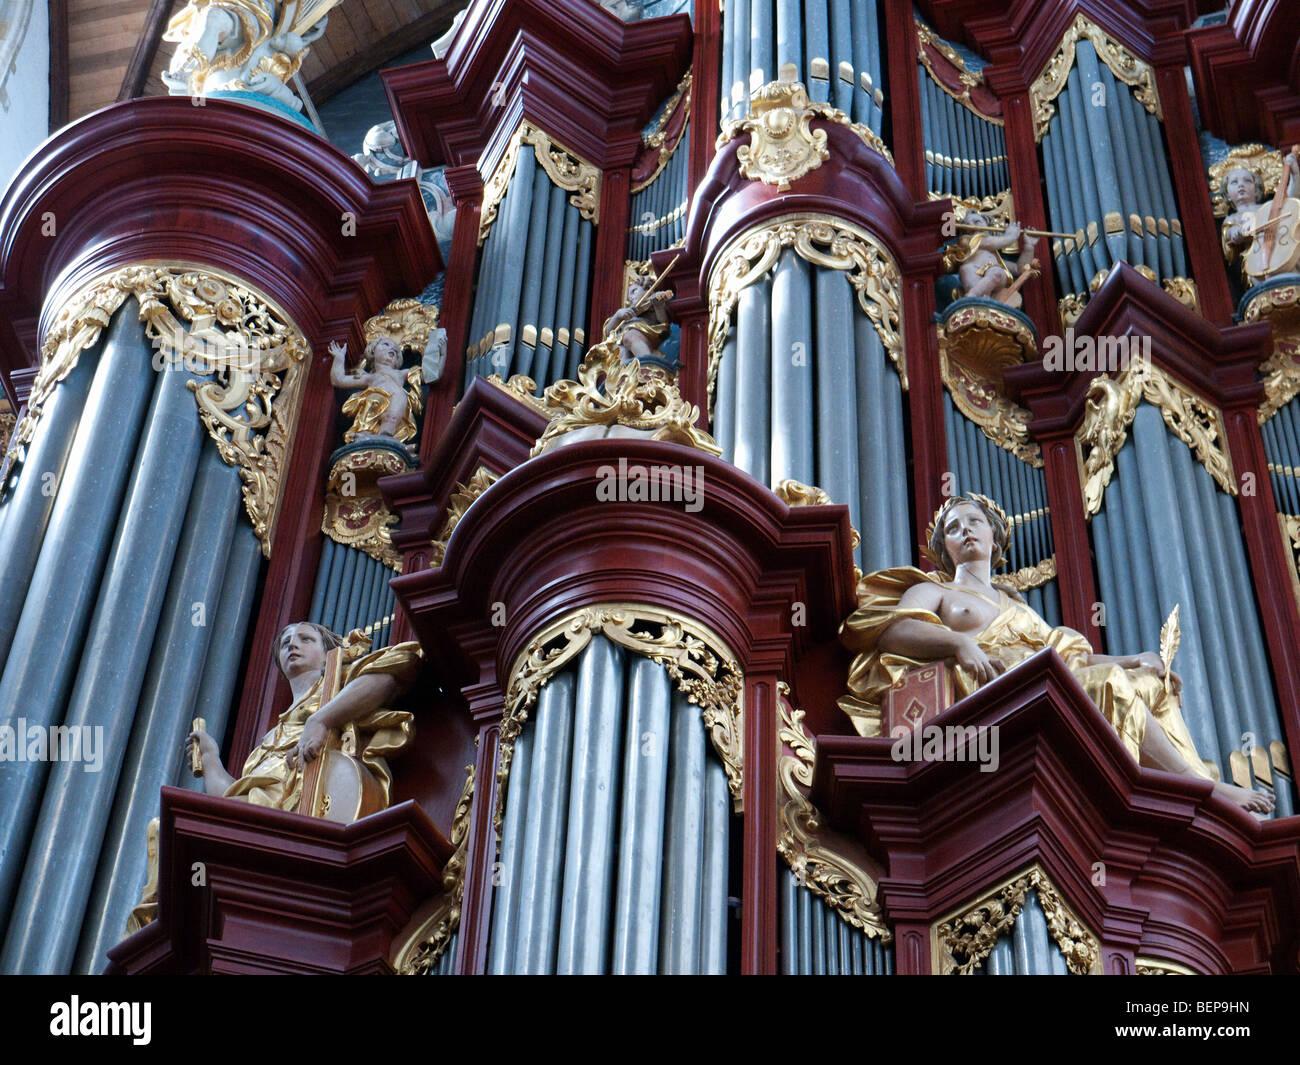 Die berühmte Orgel in Sint-Bavokerk (oder St. Bavo-Kirche), Haarlem, Niederlande Stockbild